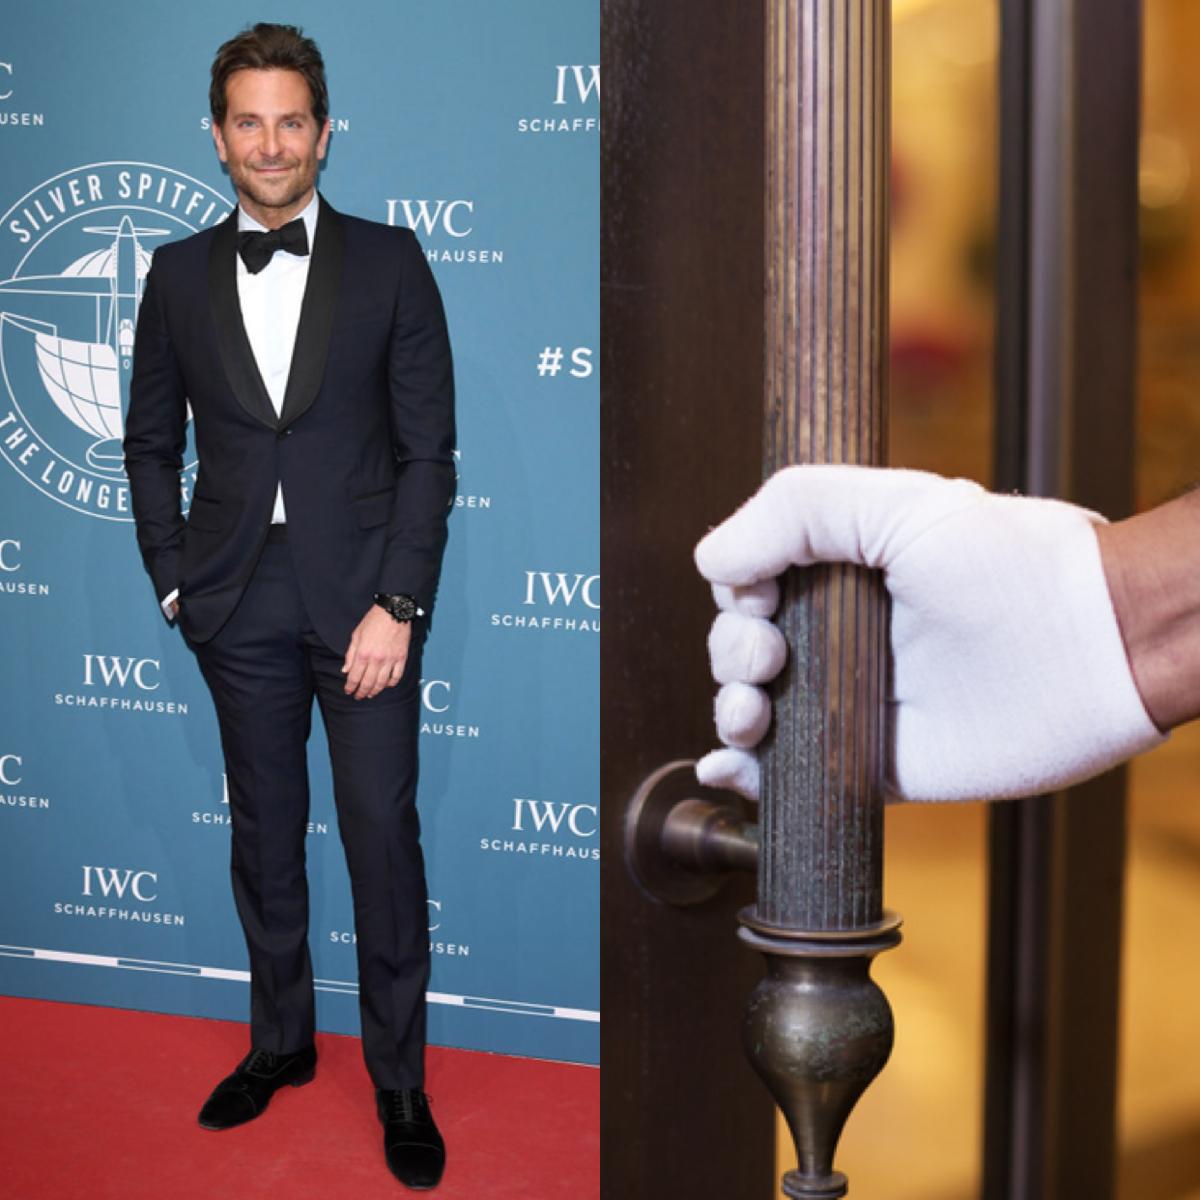 ニューヨークにあるホテルでドアマンをしていたブラッドリー・クーパー(44)。映画『タイタニック』(1997)で人気絶頂だったレオナルド・ディカプリオ(44)が宿泊したときには、レオ様を見て嫉妬したことを明かしている。